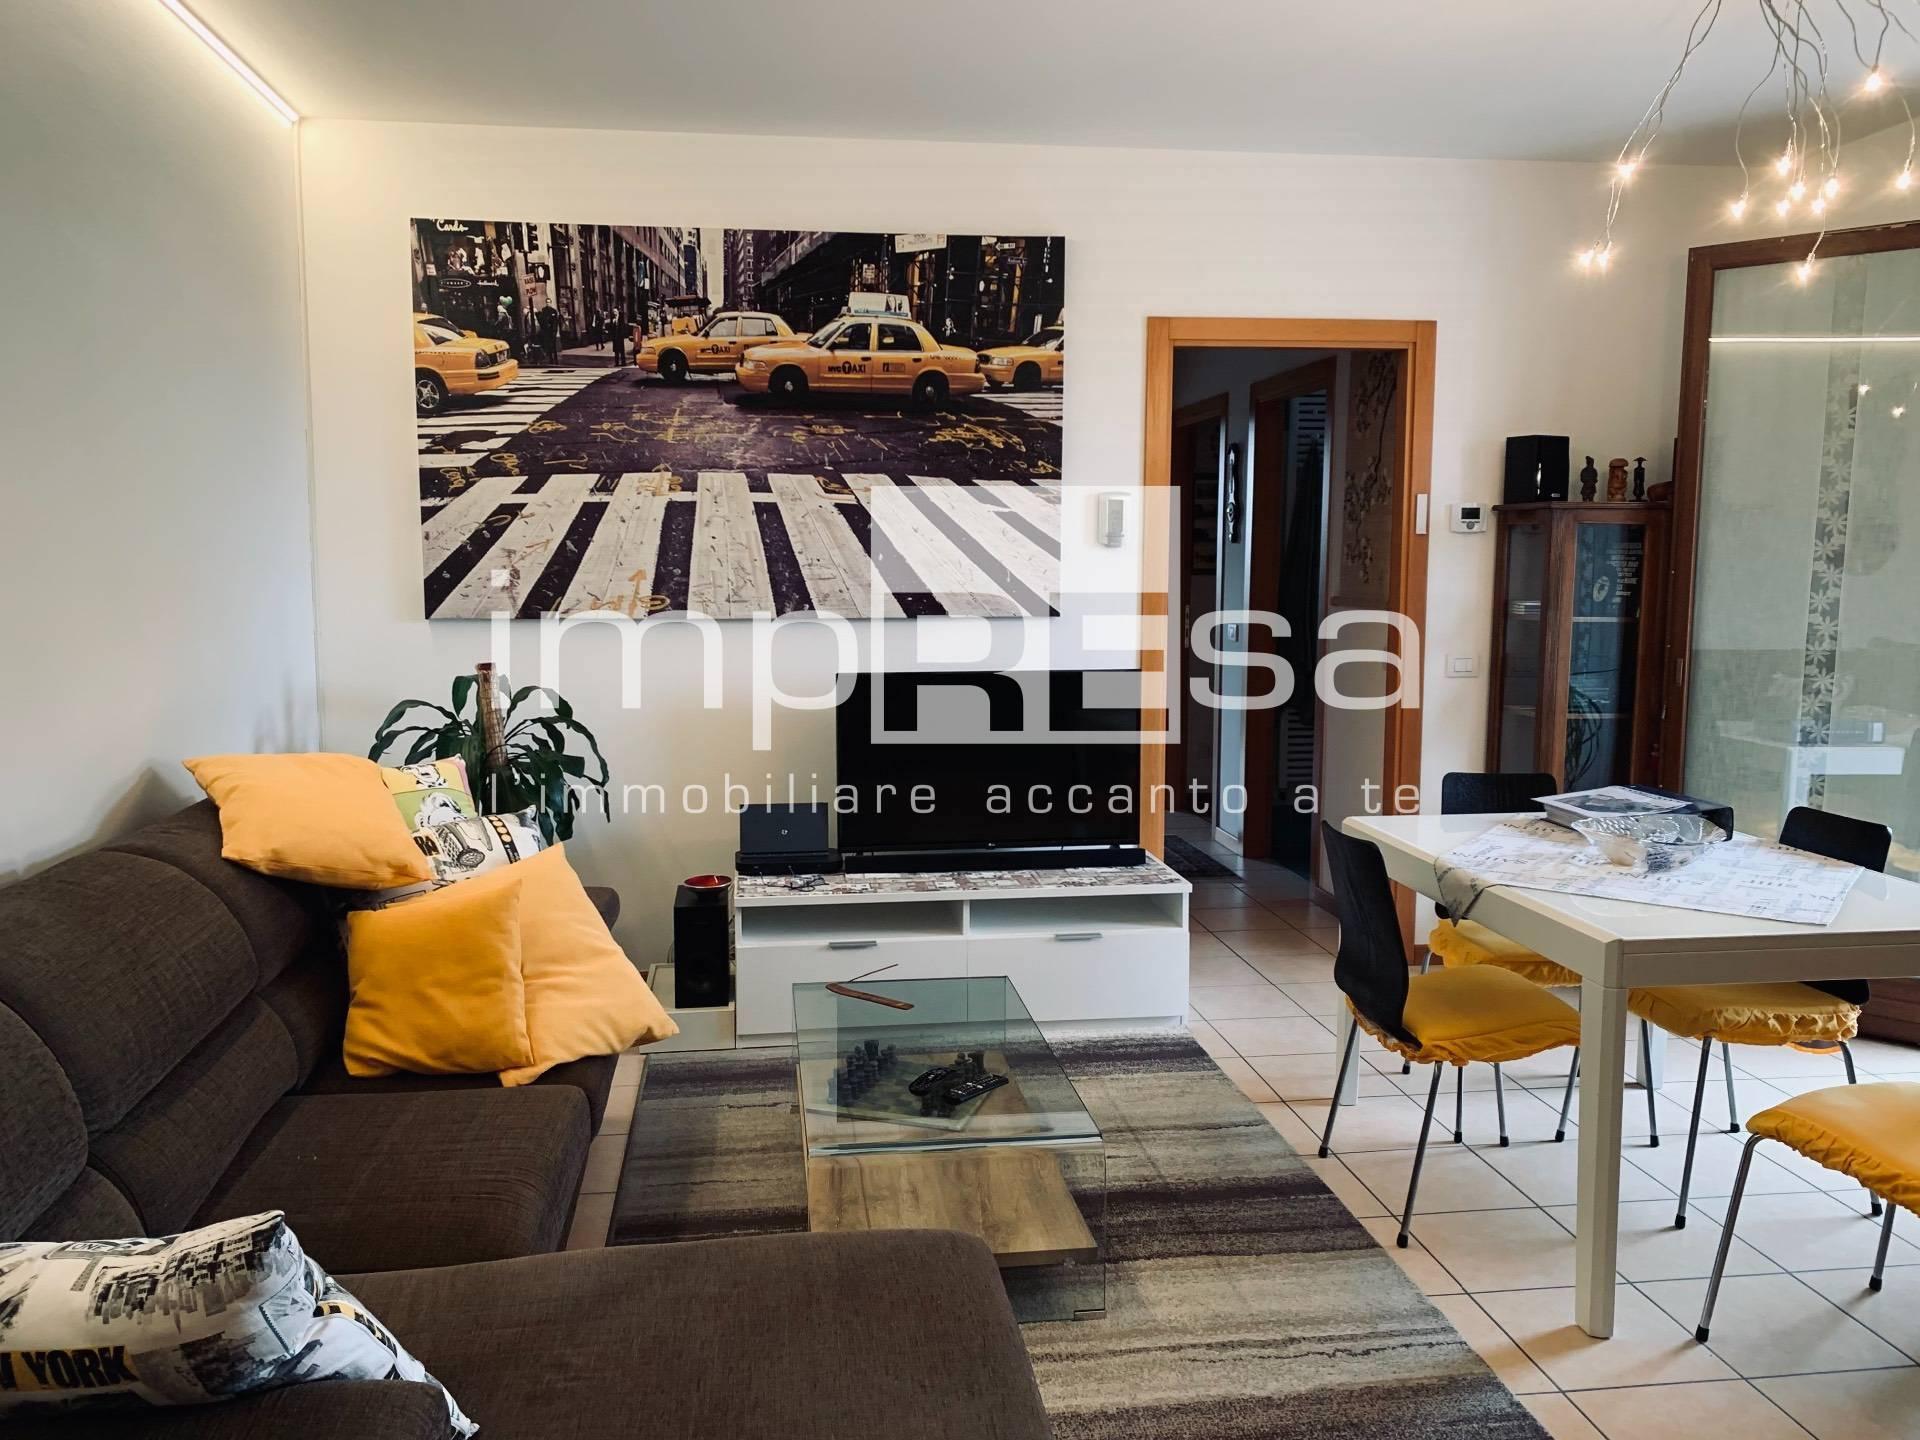 Appartamento in vendita a Quinto di Treviso, 3 locali, zona Località: Quinto, prezzo € 129.000   PortaleAgenzieImmobiliari.it